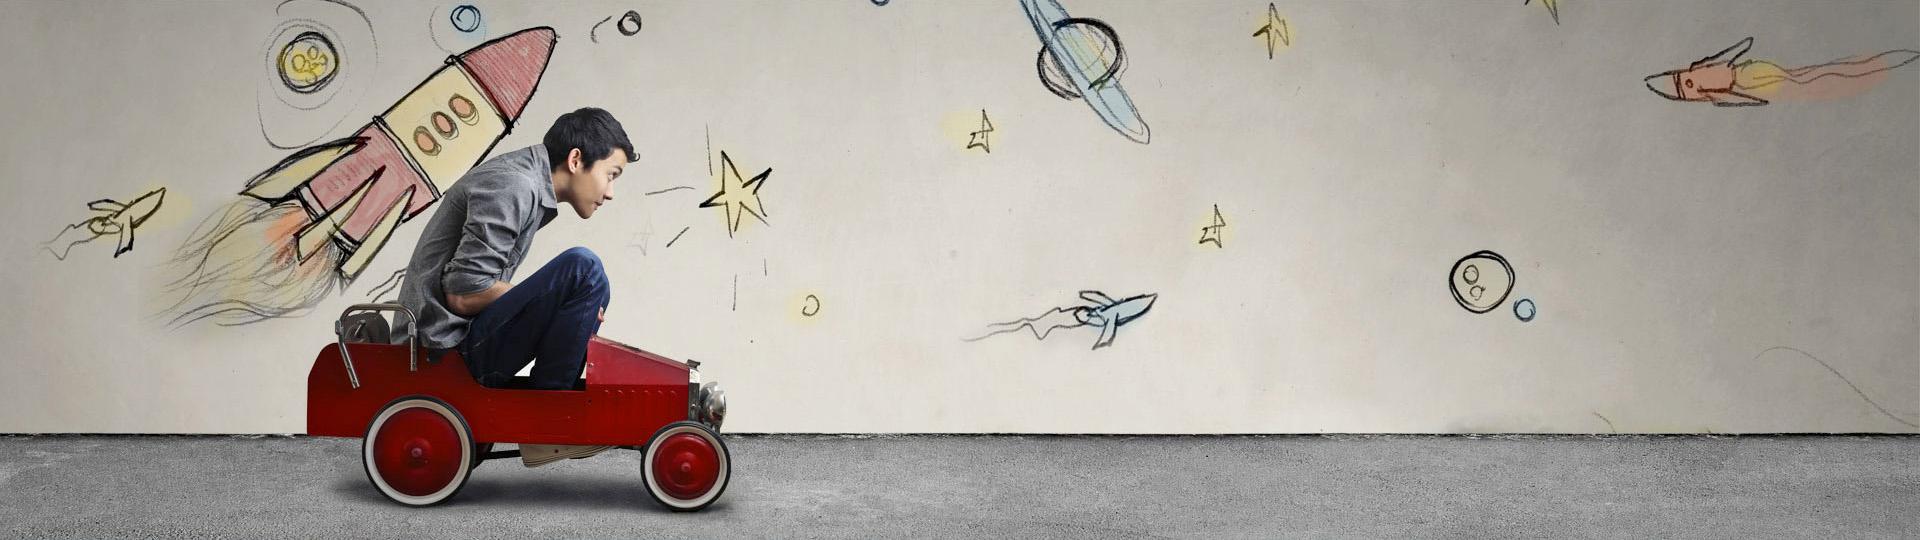 Rocket-Car-Home1